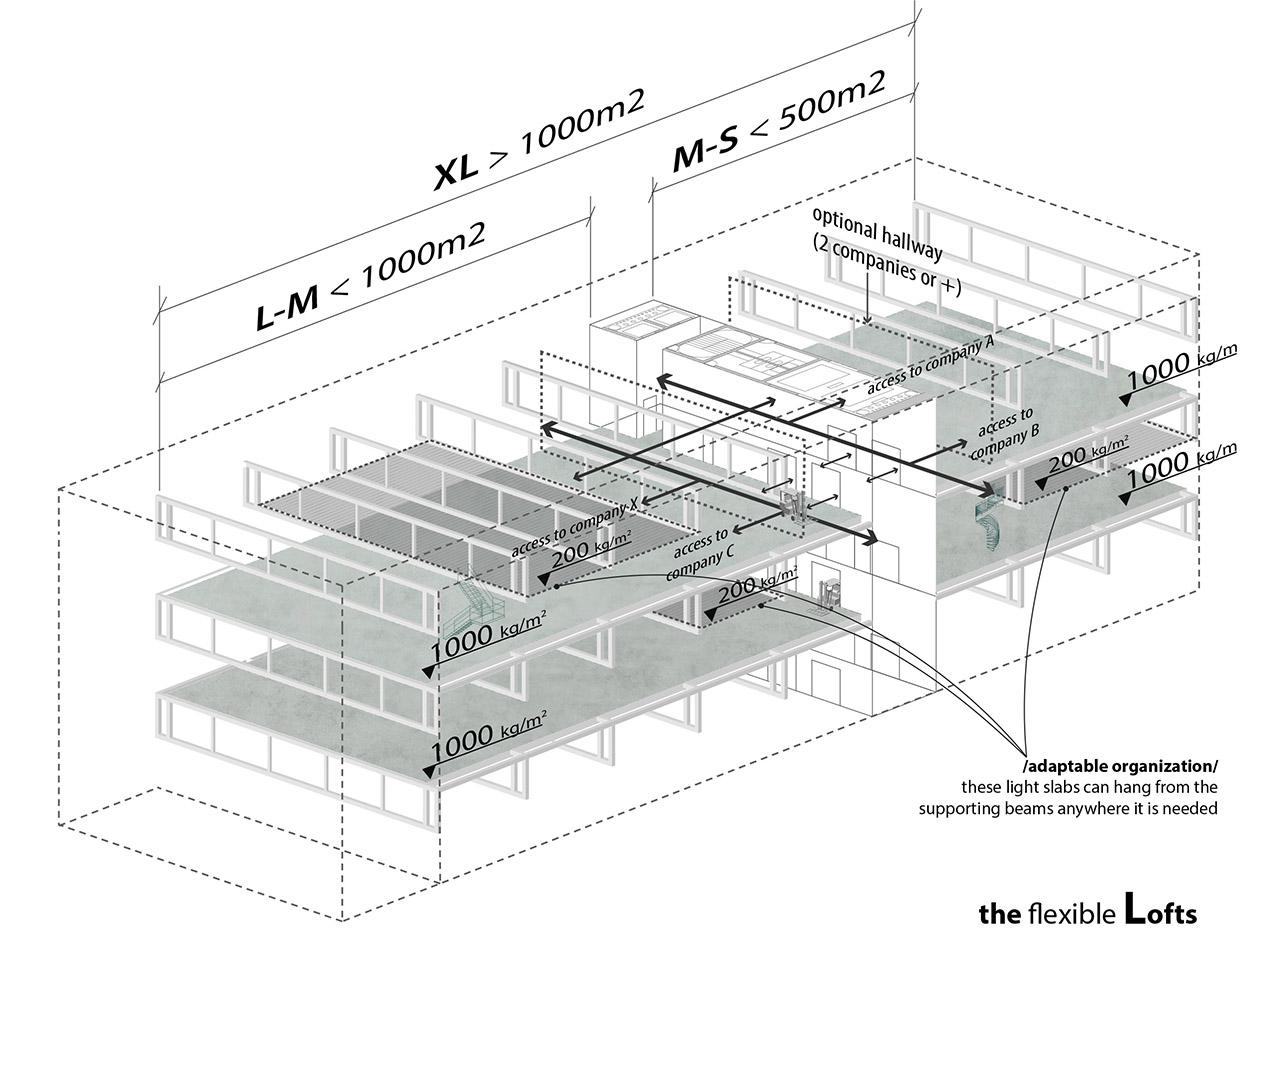 06_PLAYstudio_Liesing_Vienna_typology schemes